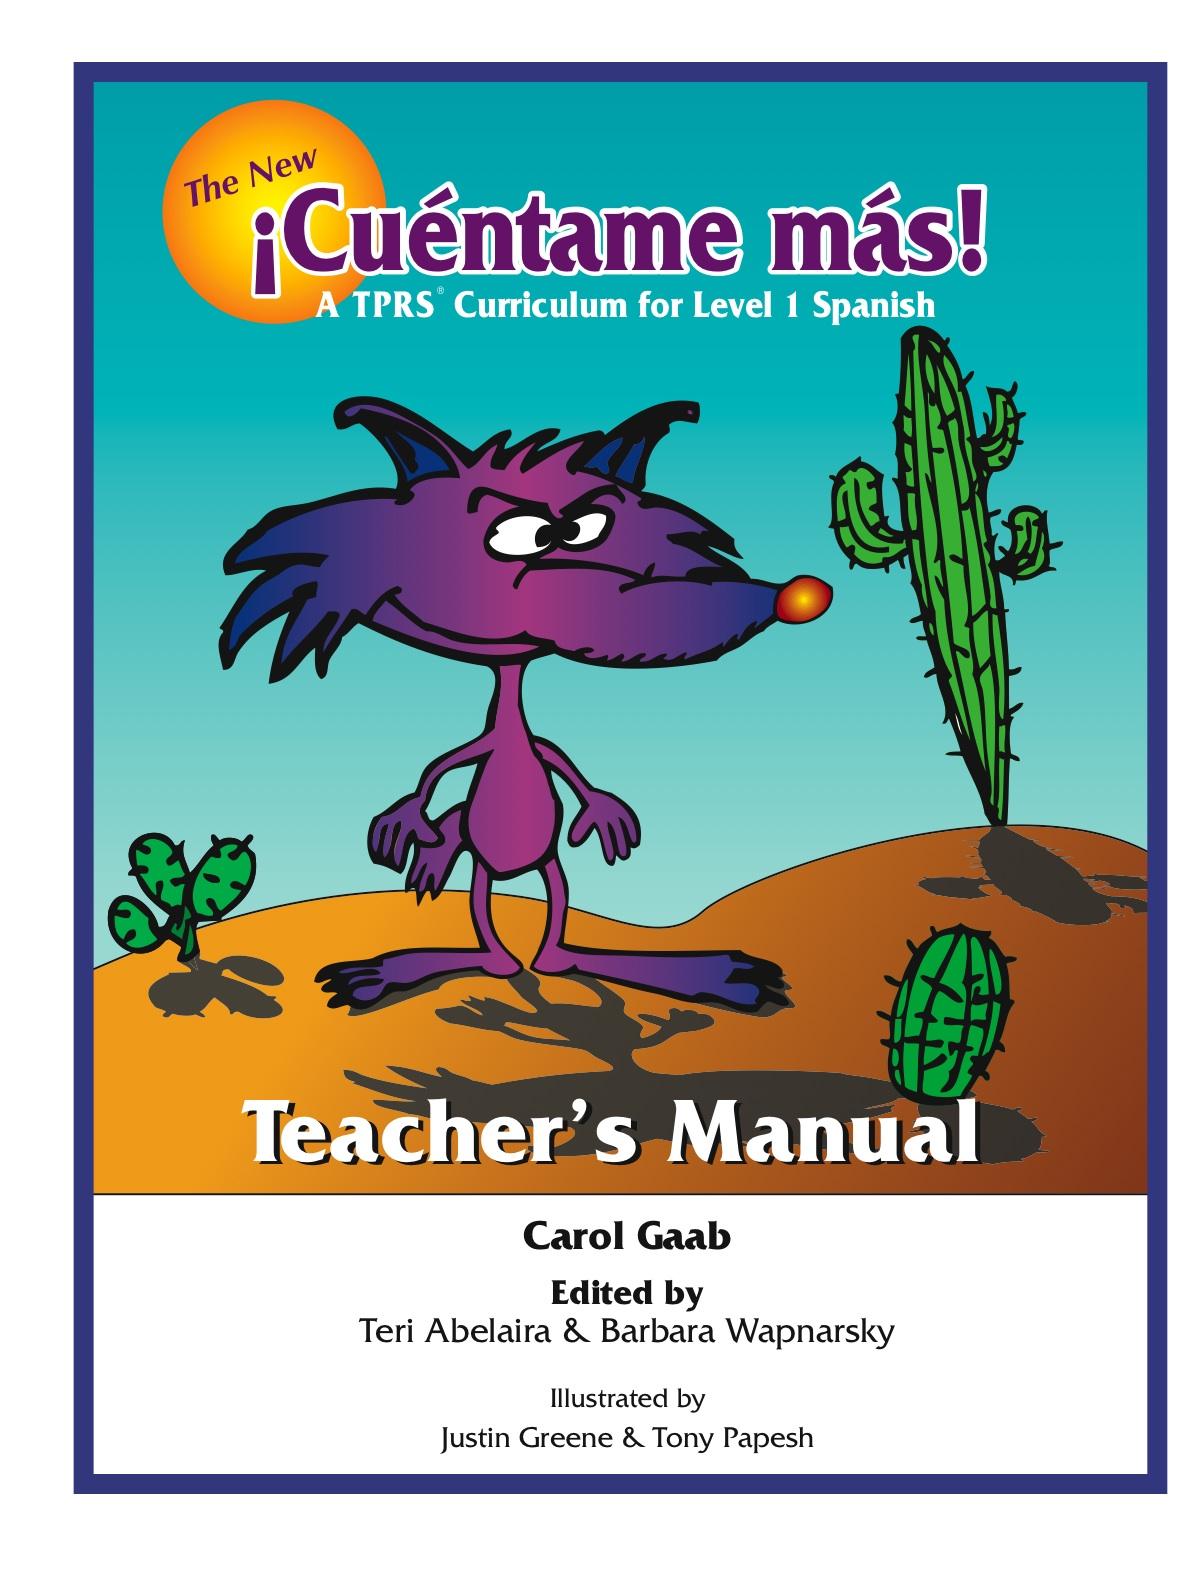 The New ¡Cuéntame más! Teacher's Manual